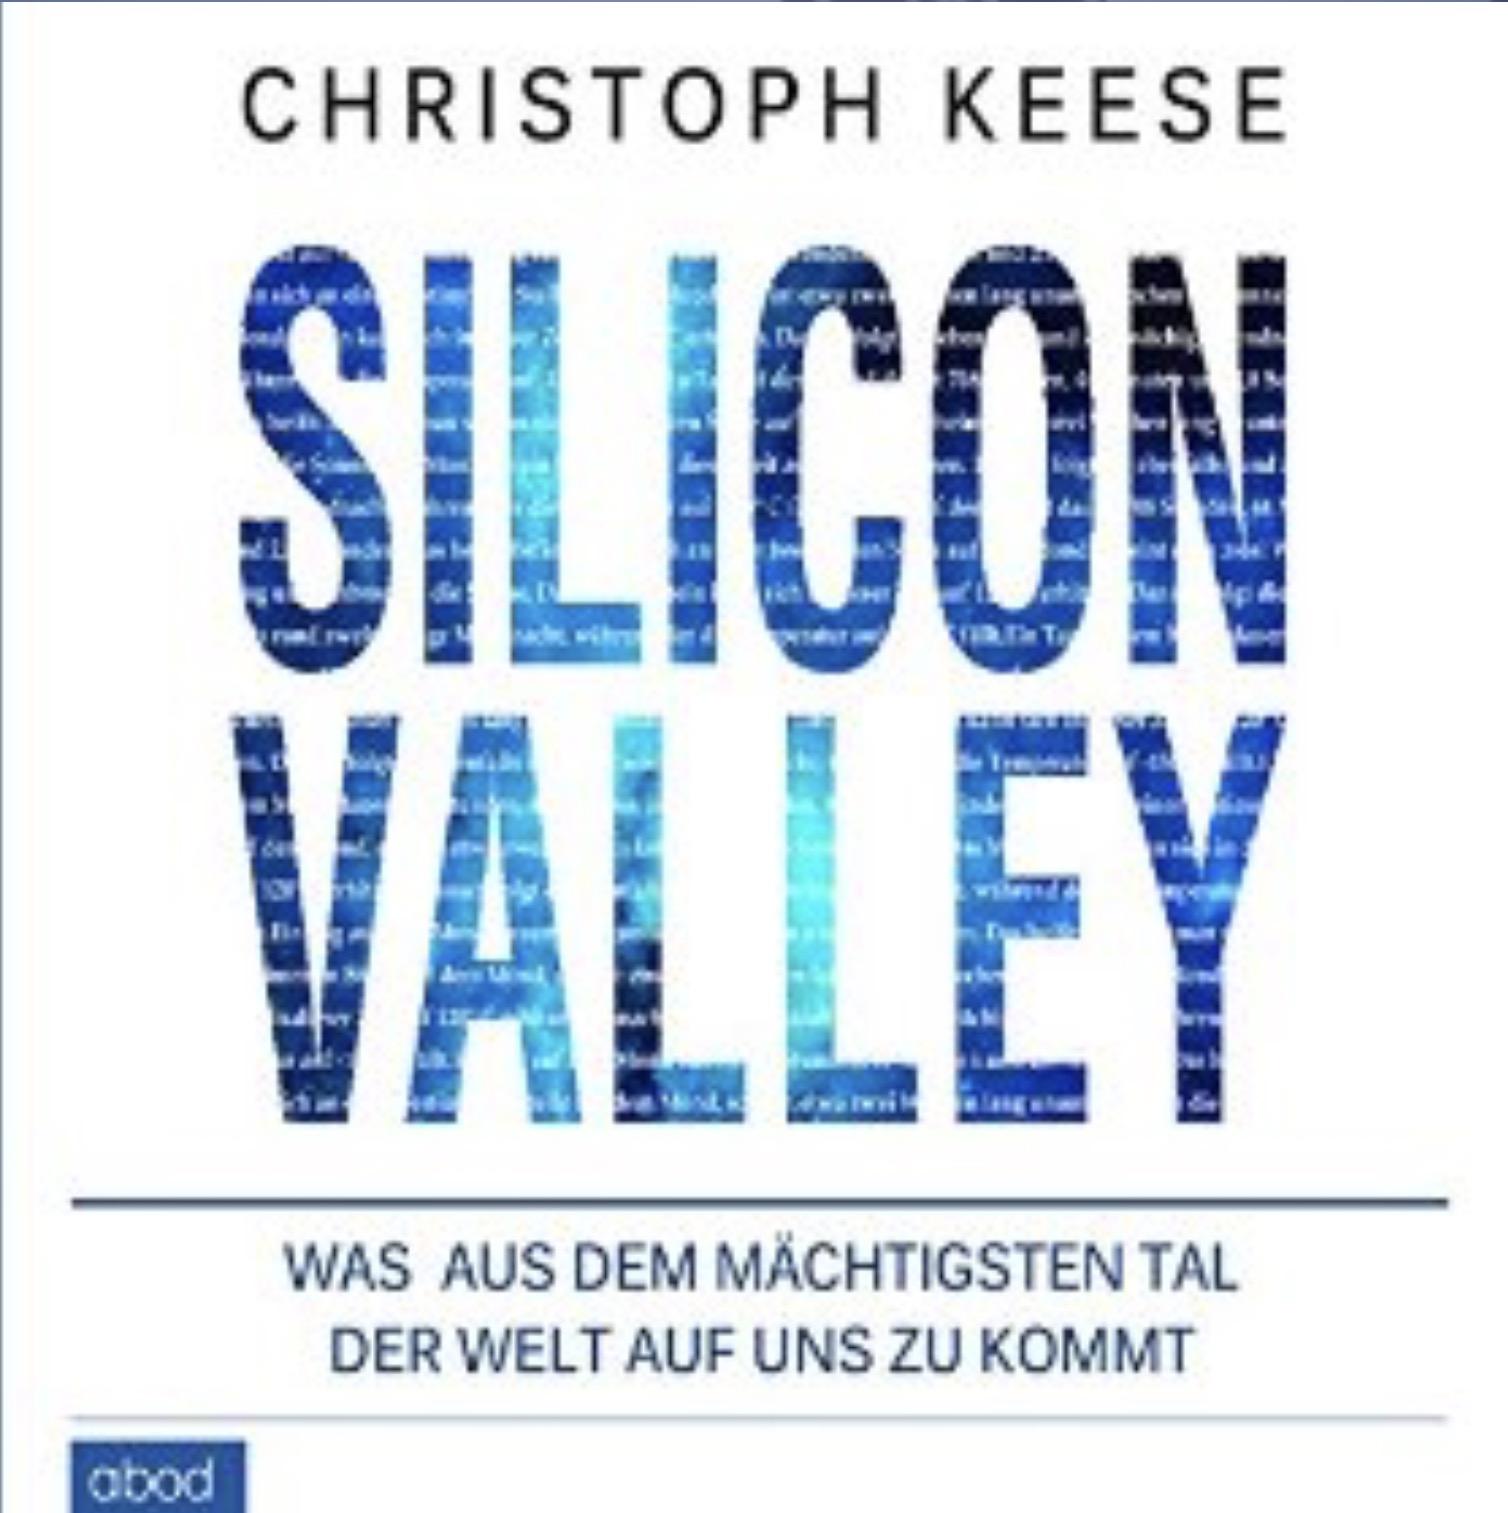 [audible] Silicon Valley von Christoph Keese kostenlos statt 13,95